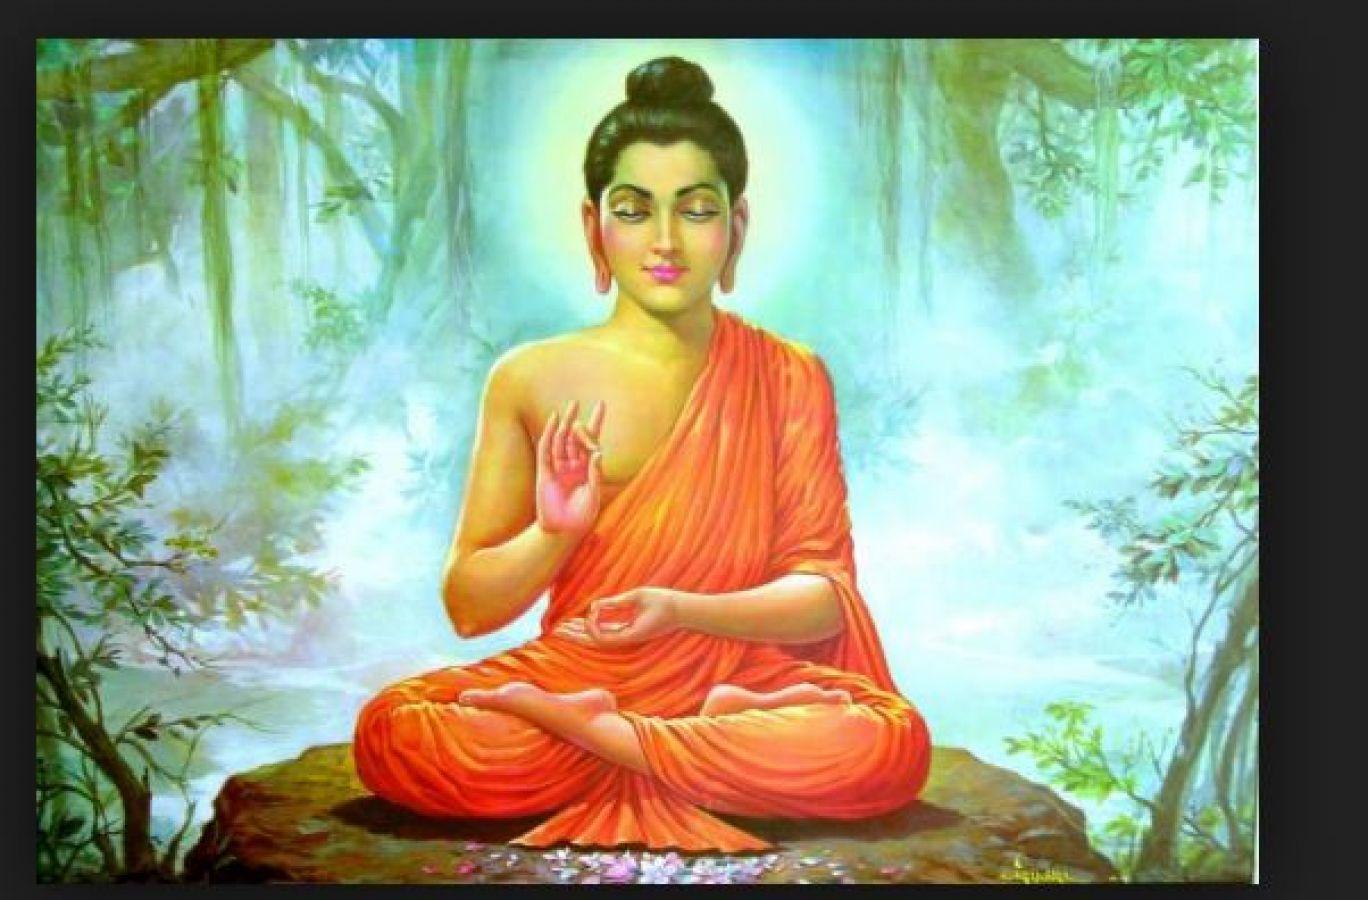 आज है महावीर जयंती, ऐसे भेजे अपनों को शुभकामनाएं एवं बधाई संदेश